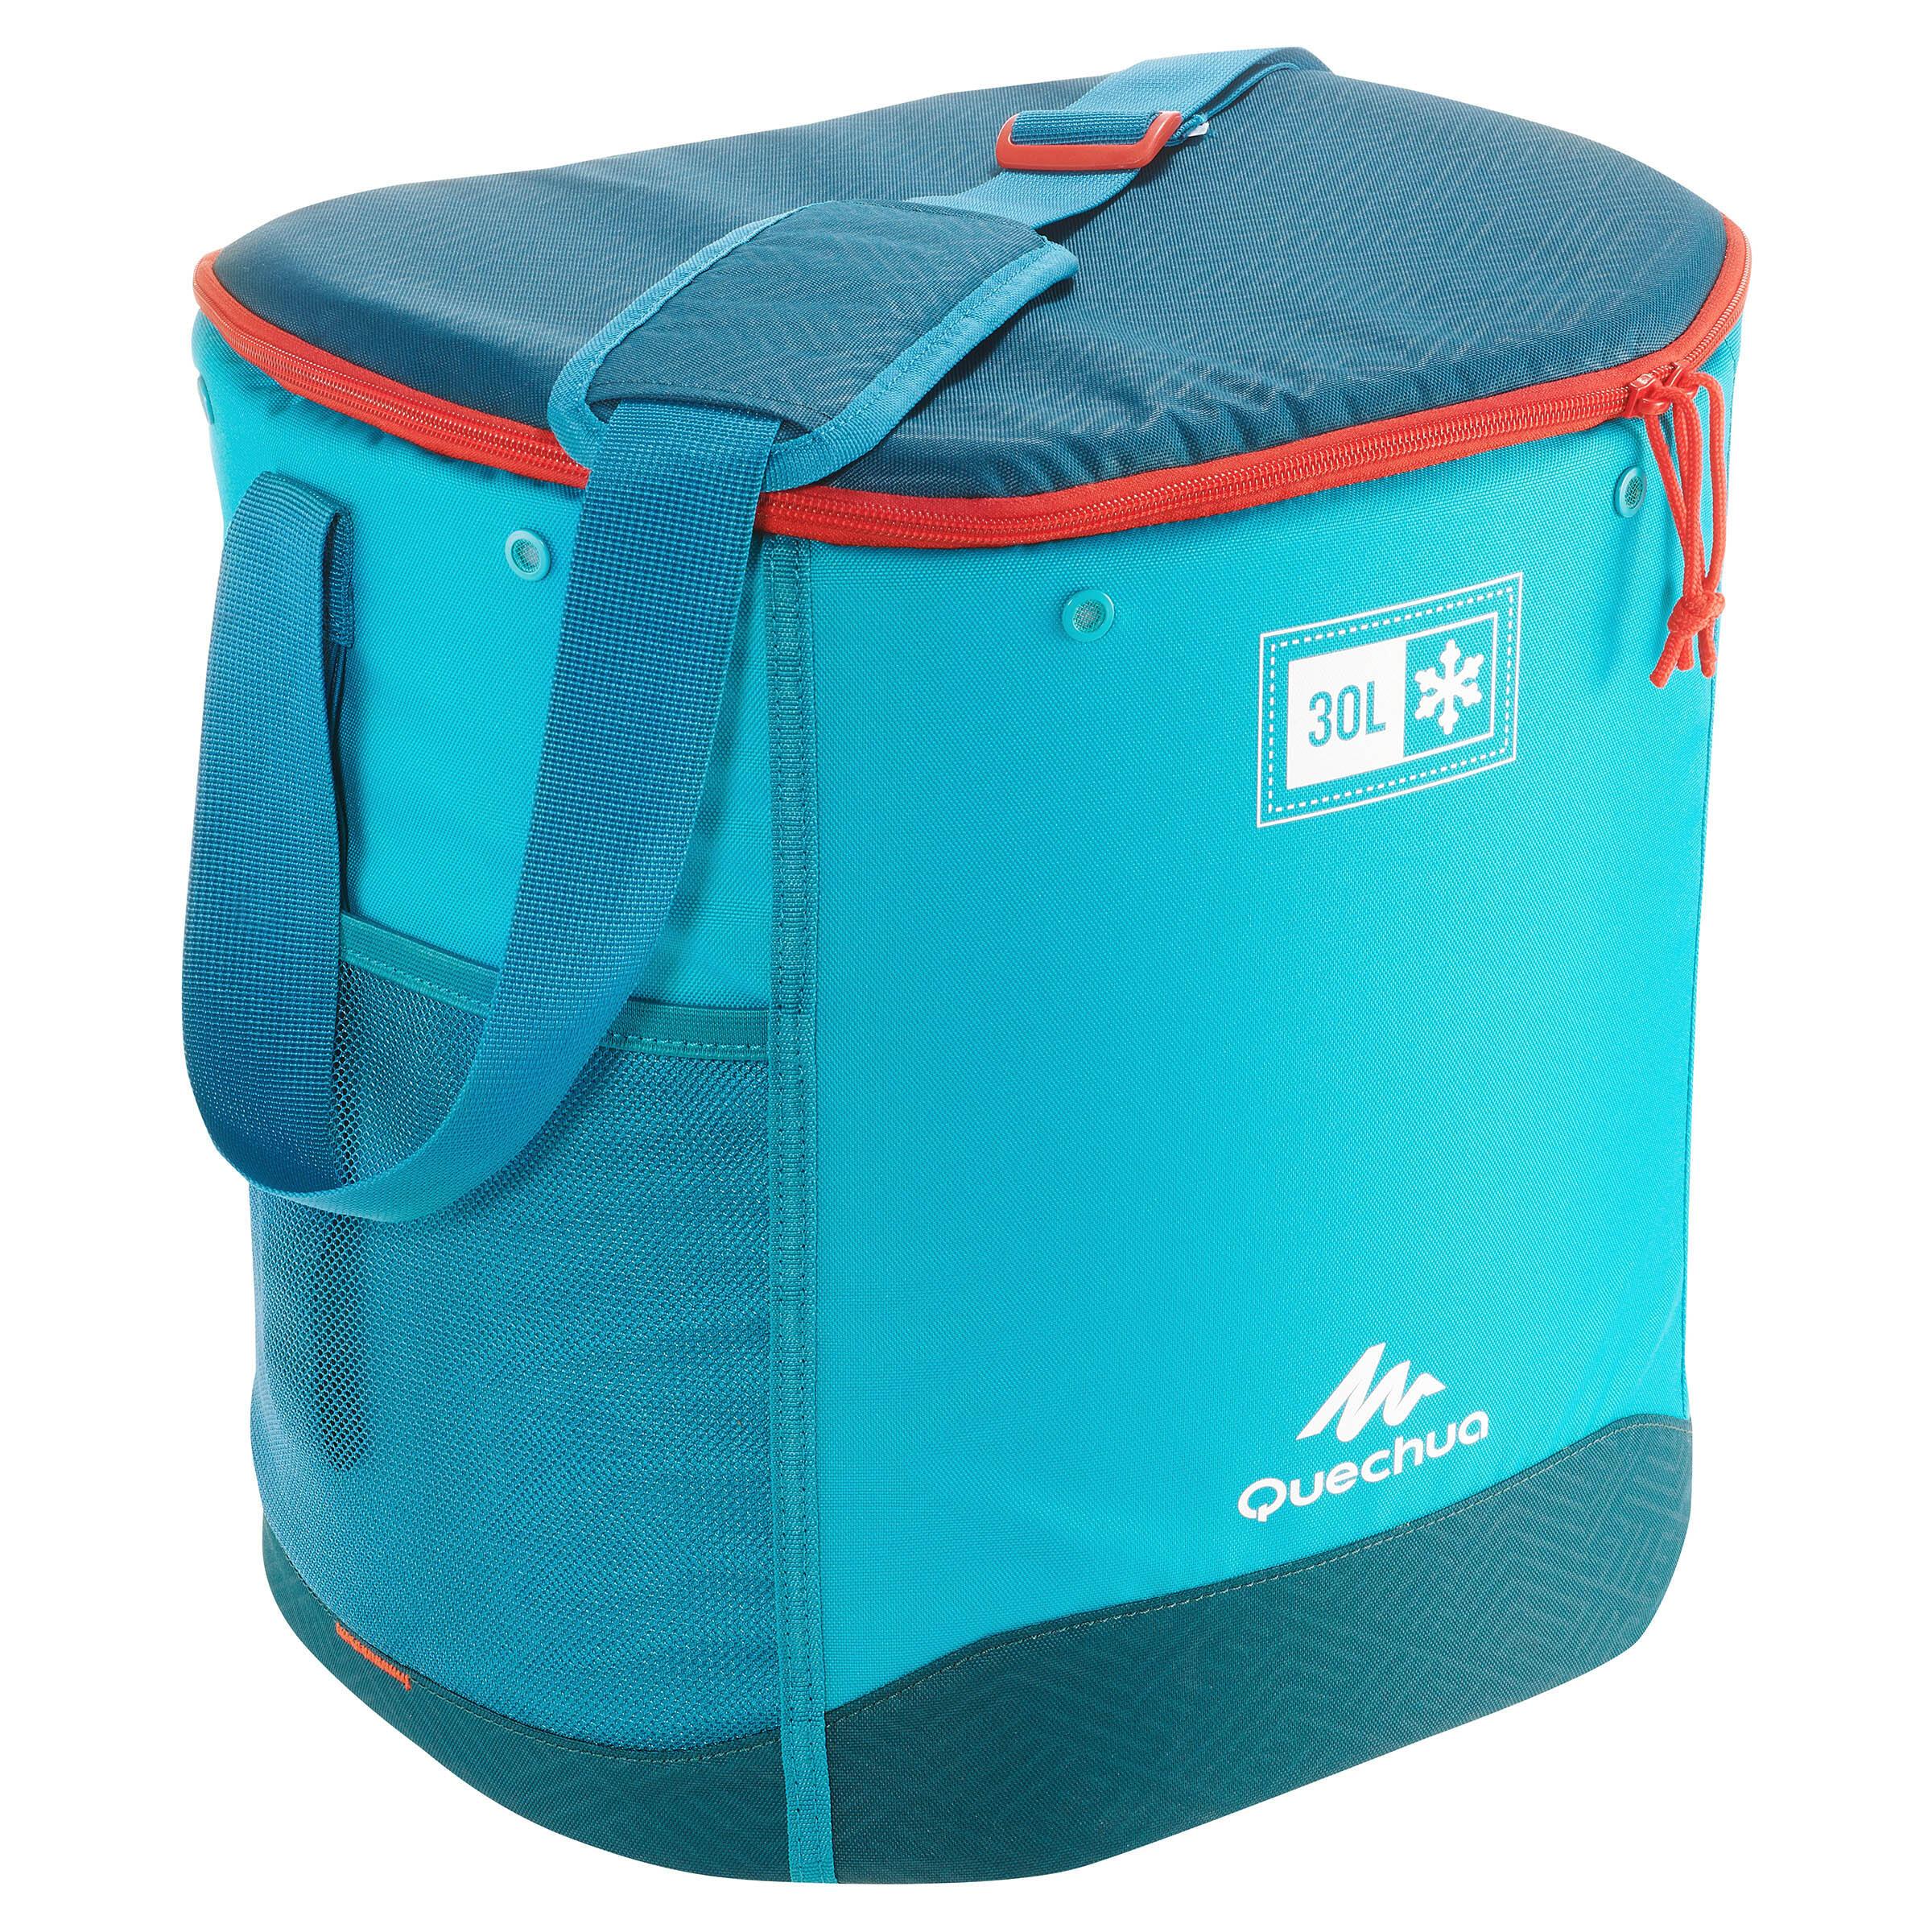 Geantă frigorifică Compact 30L